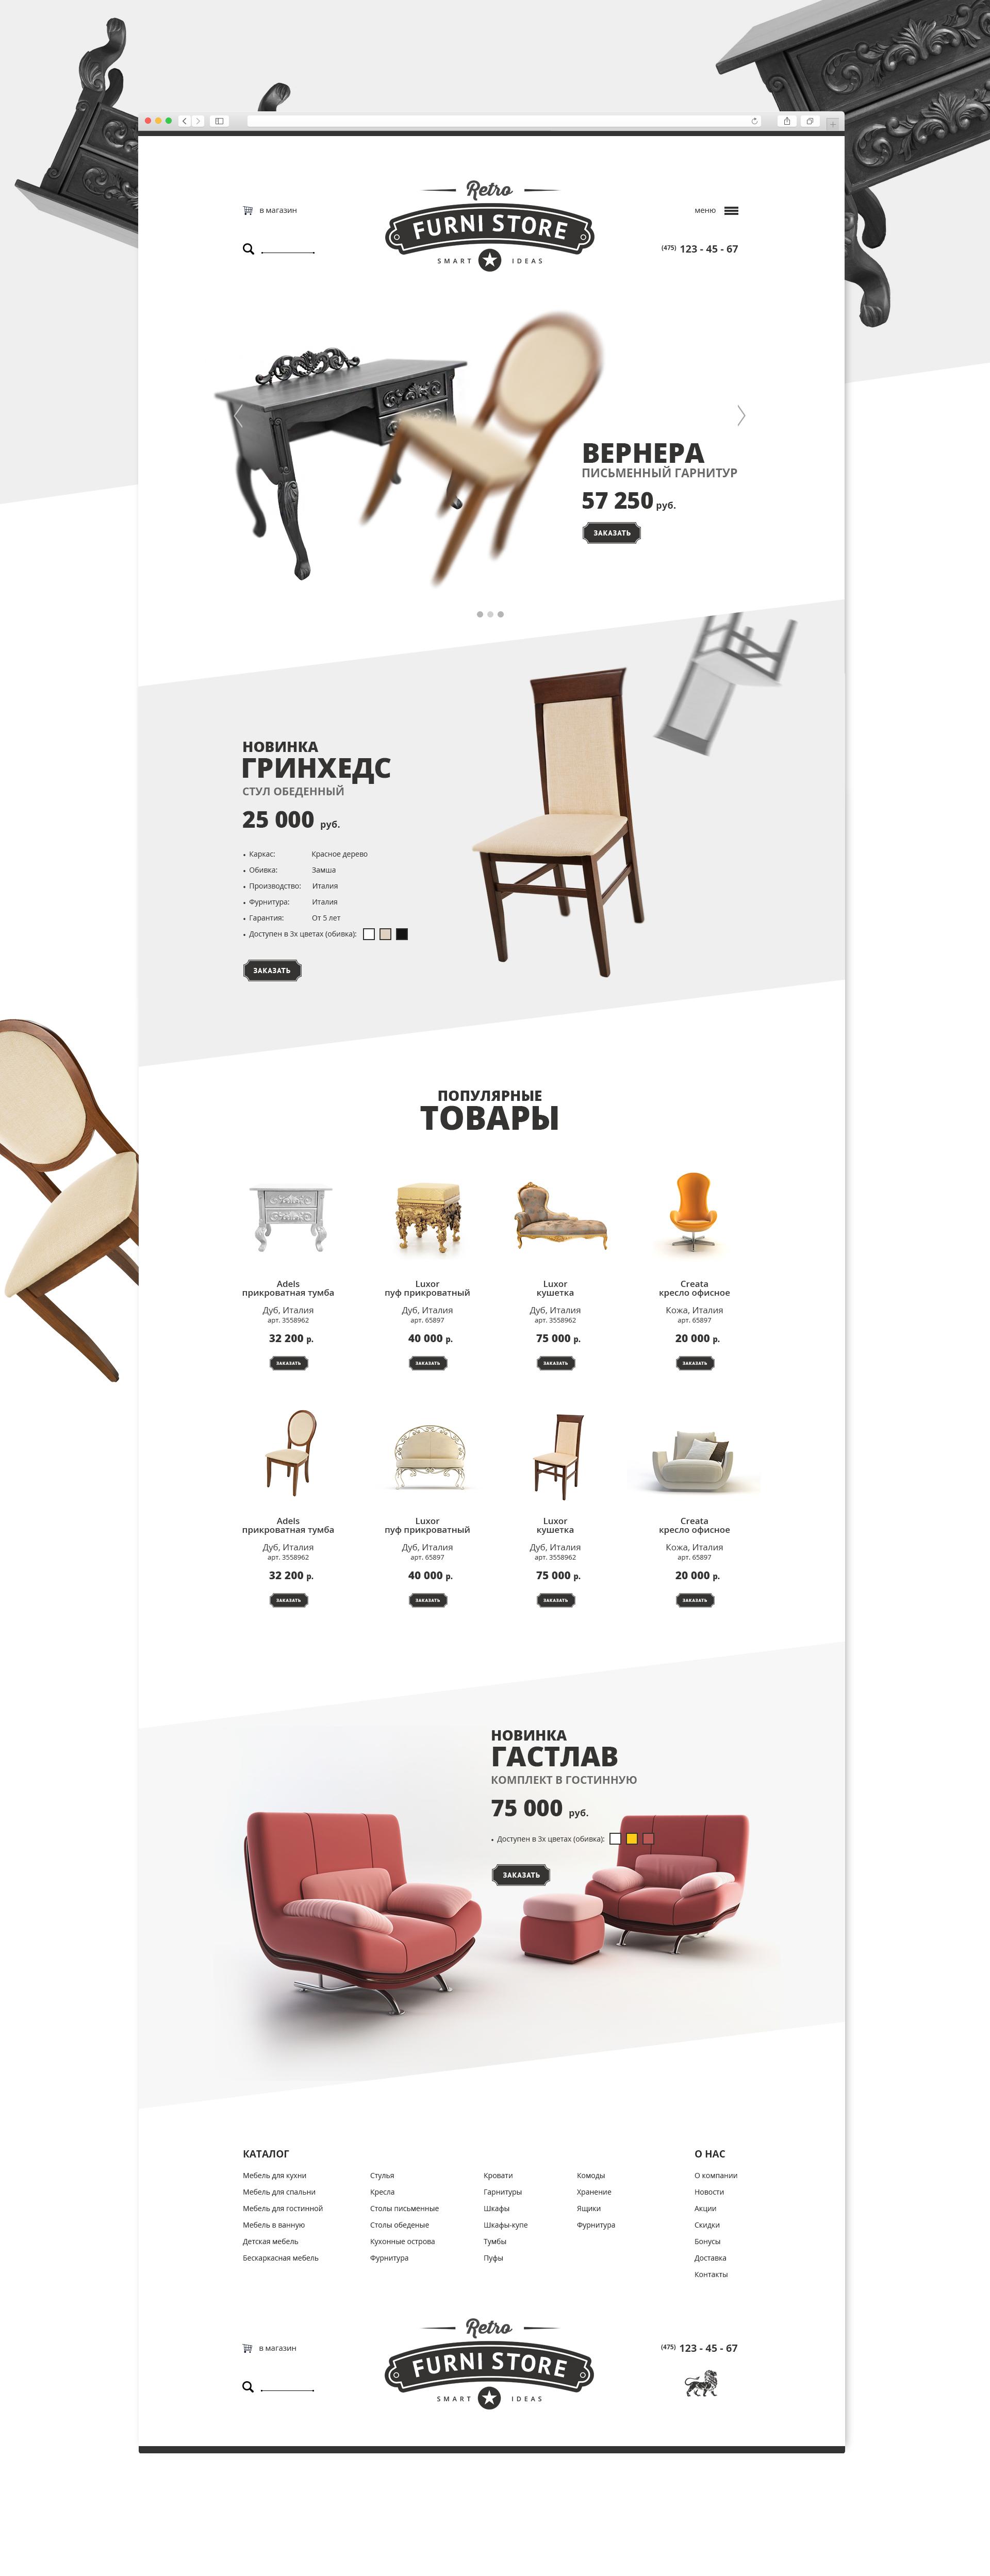 Интернет магазин Мебели FURNI STORE (макет на продажу, цена договорная)